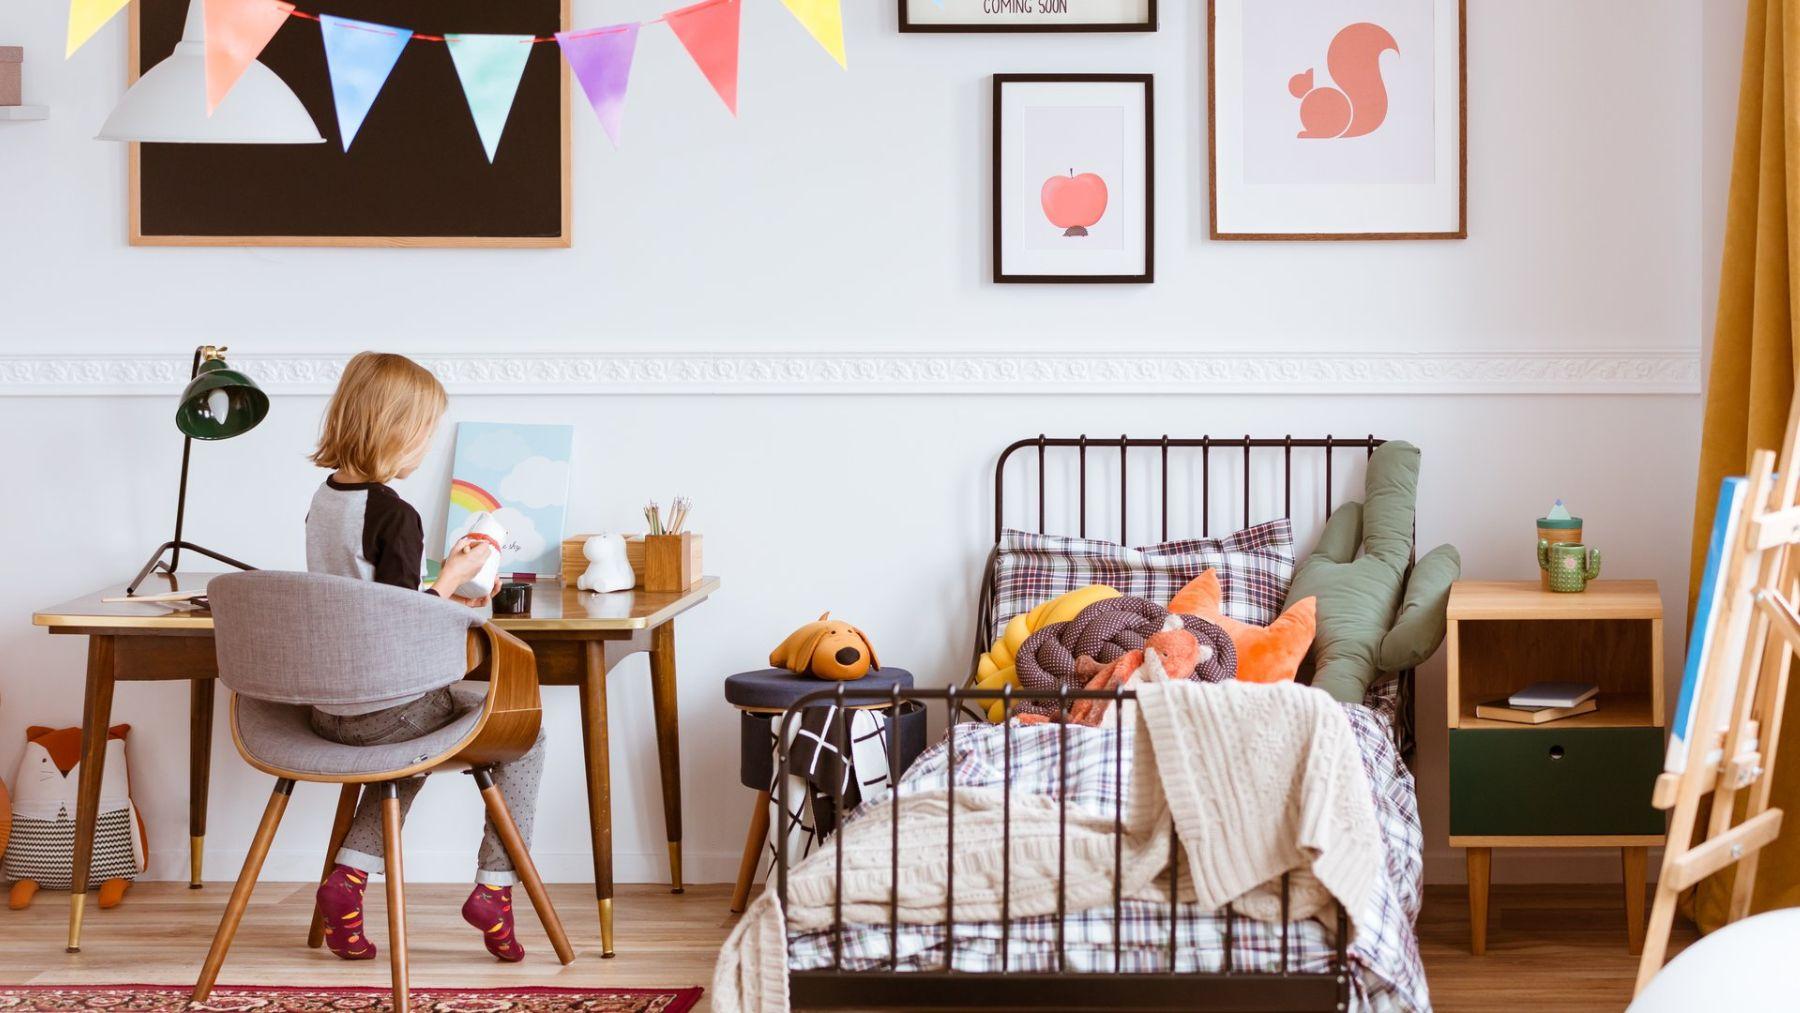 Descubre el truco para que el dormitorio de los niños esté siempre ordenado